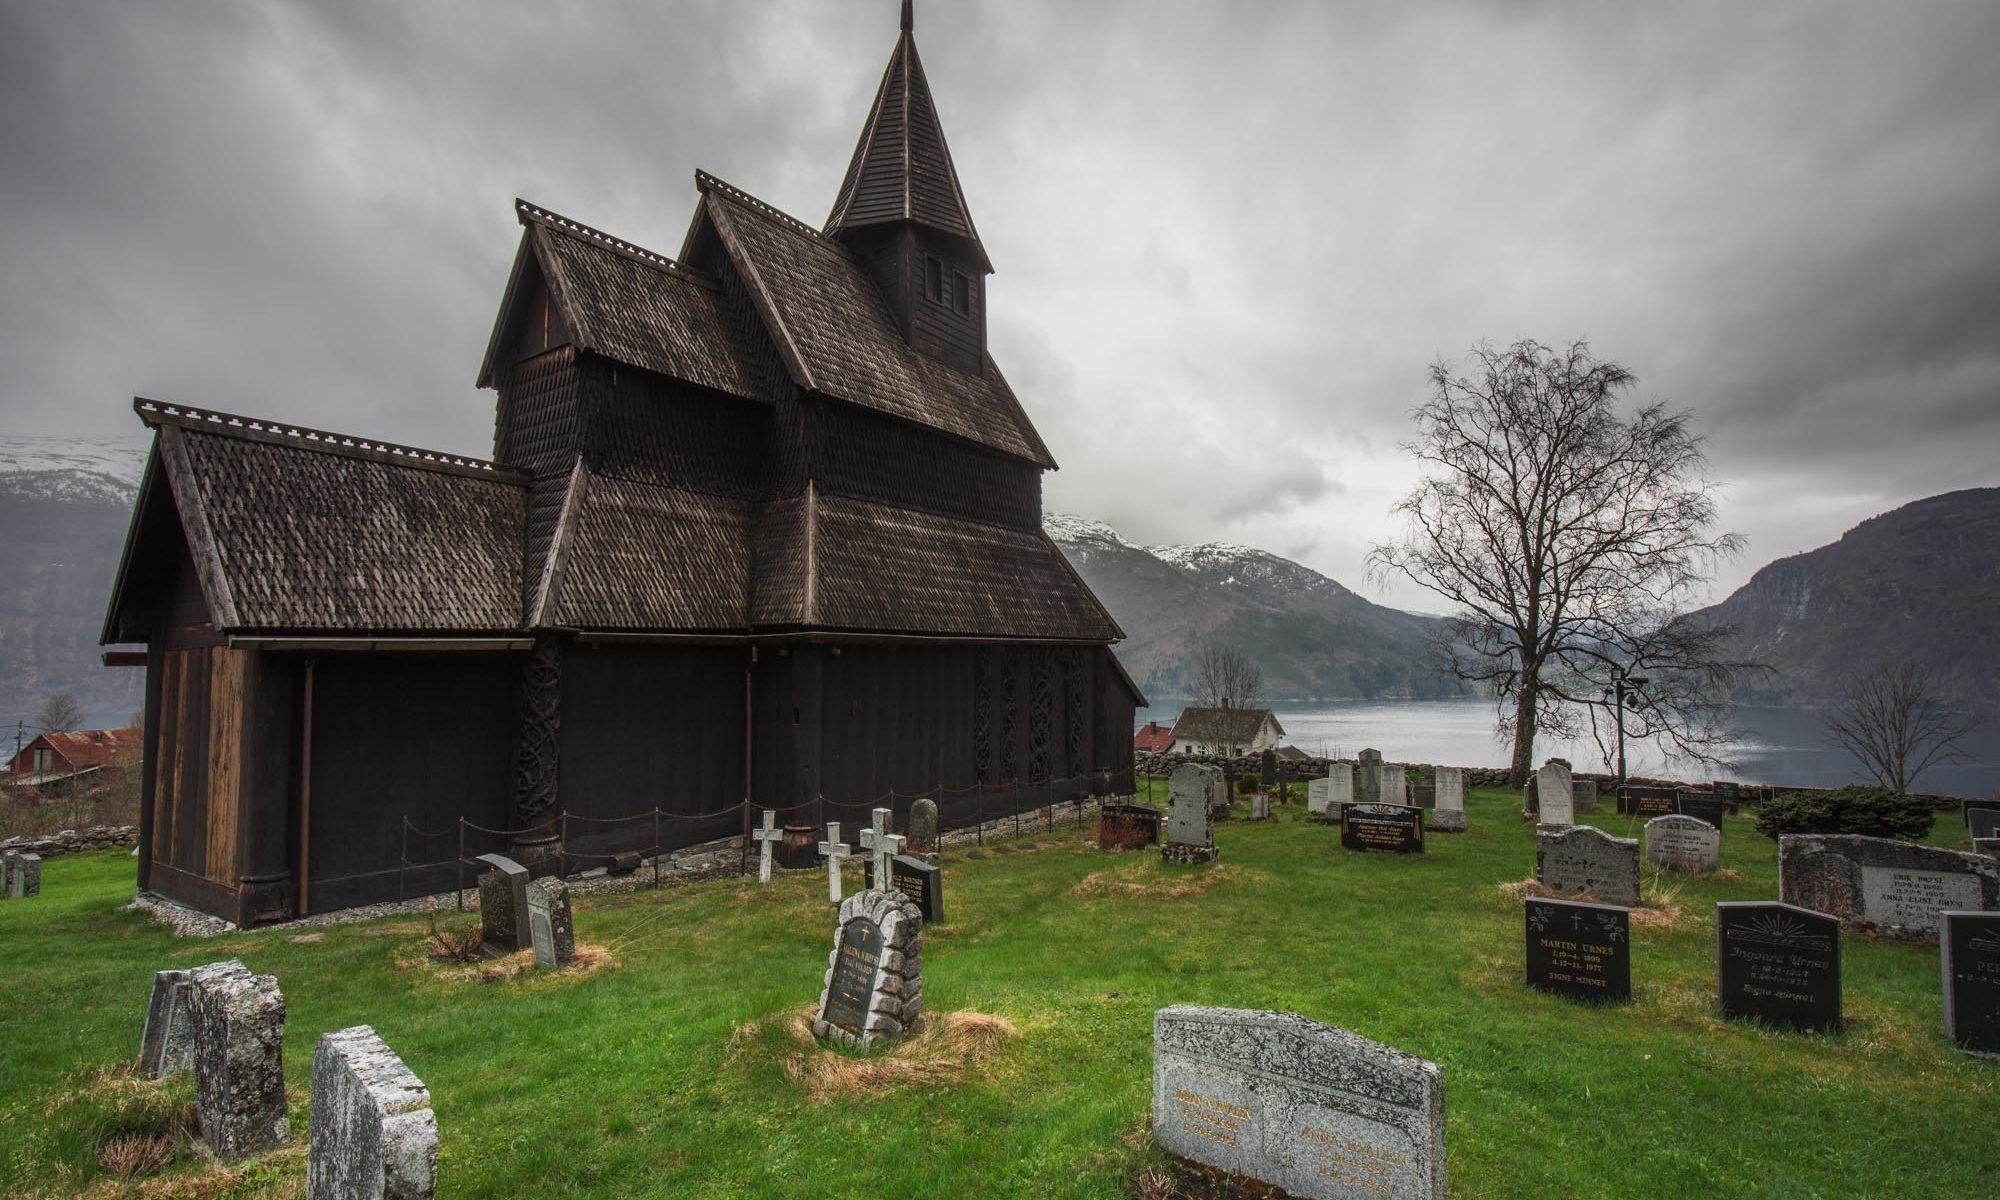 Foto der Stabkirche von Urnes von aussen im Frühling.